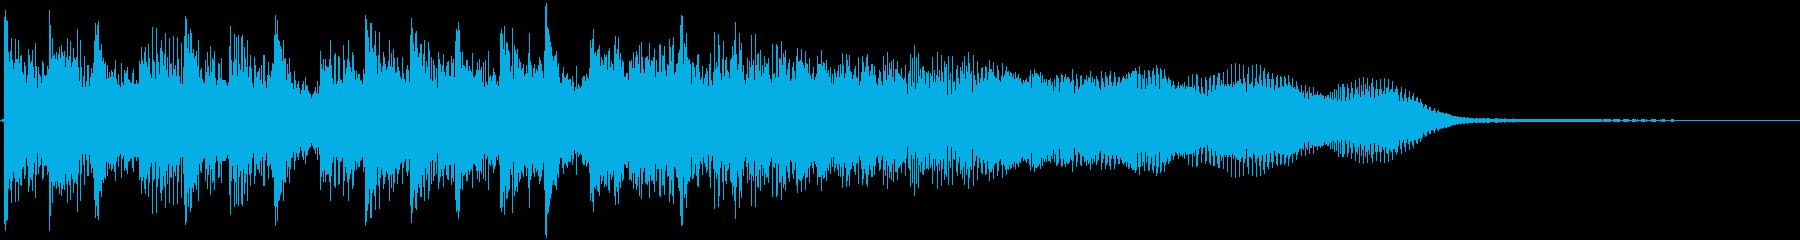 アイキャッチ/ギター/結果発表/場面転換の再生済みの波形